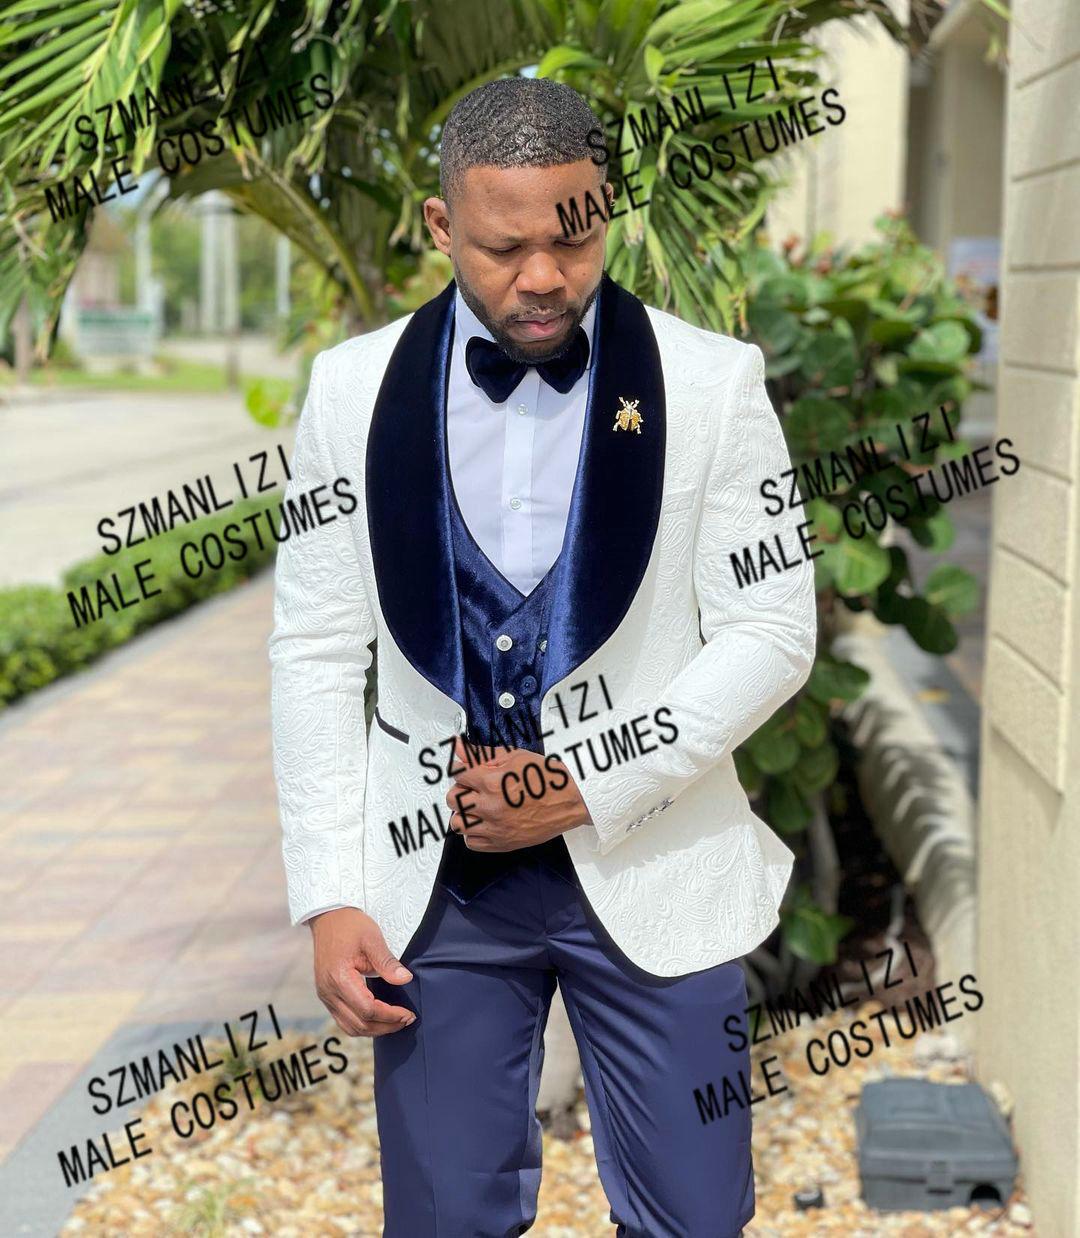 بدل زفاف للرجال 2021 سترة من الجاكارد الأبيض بدلة سهرة رجالية 3 قطع بدلة مصممة حسب الطلب ملائمة للحفلات للرجال بدلة رجالية حريمي